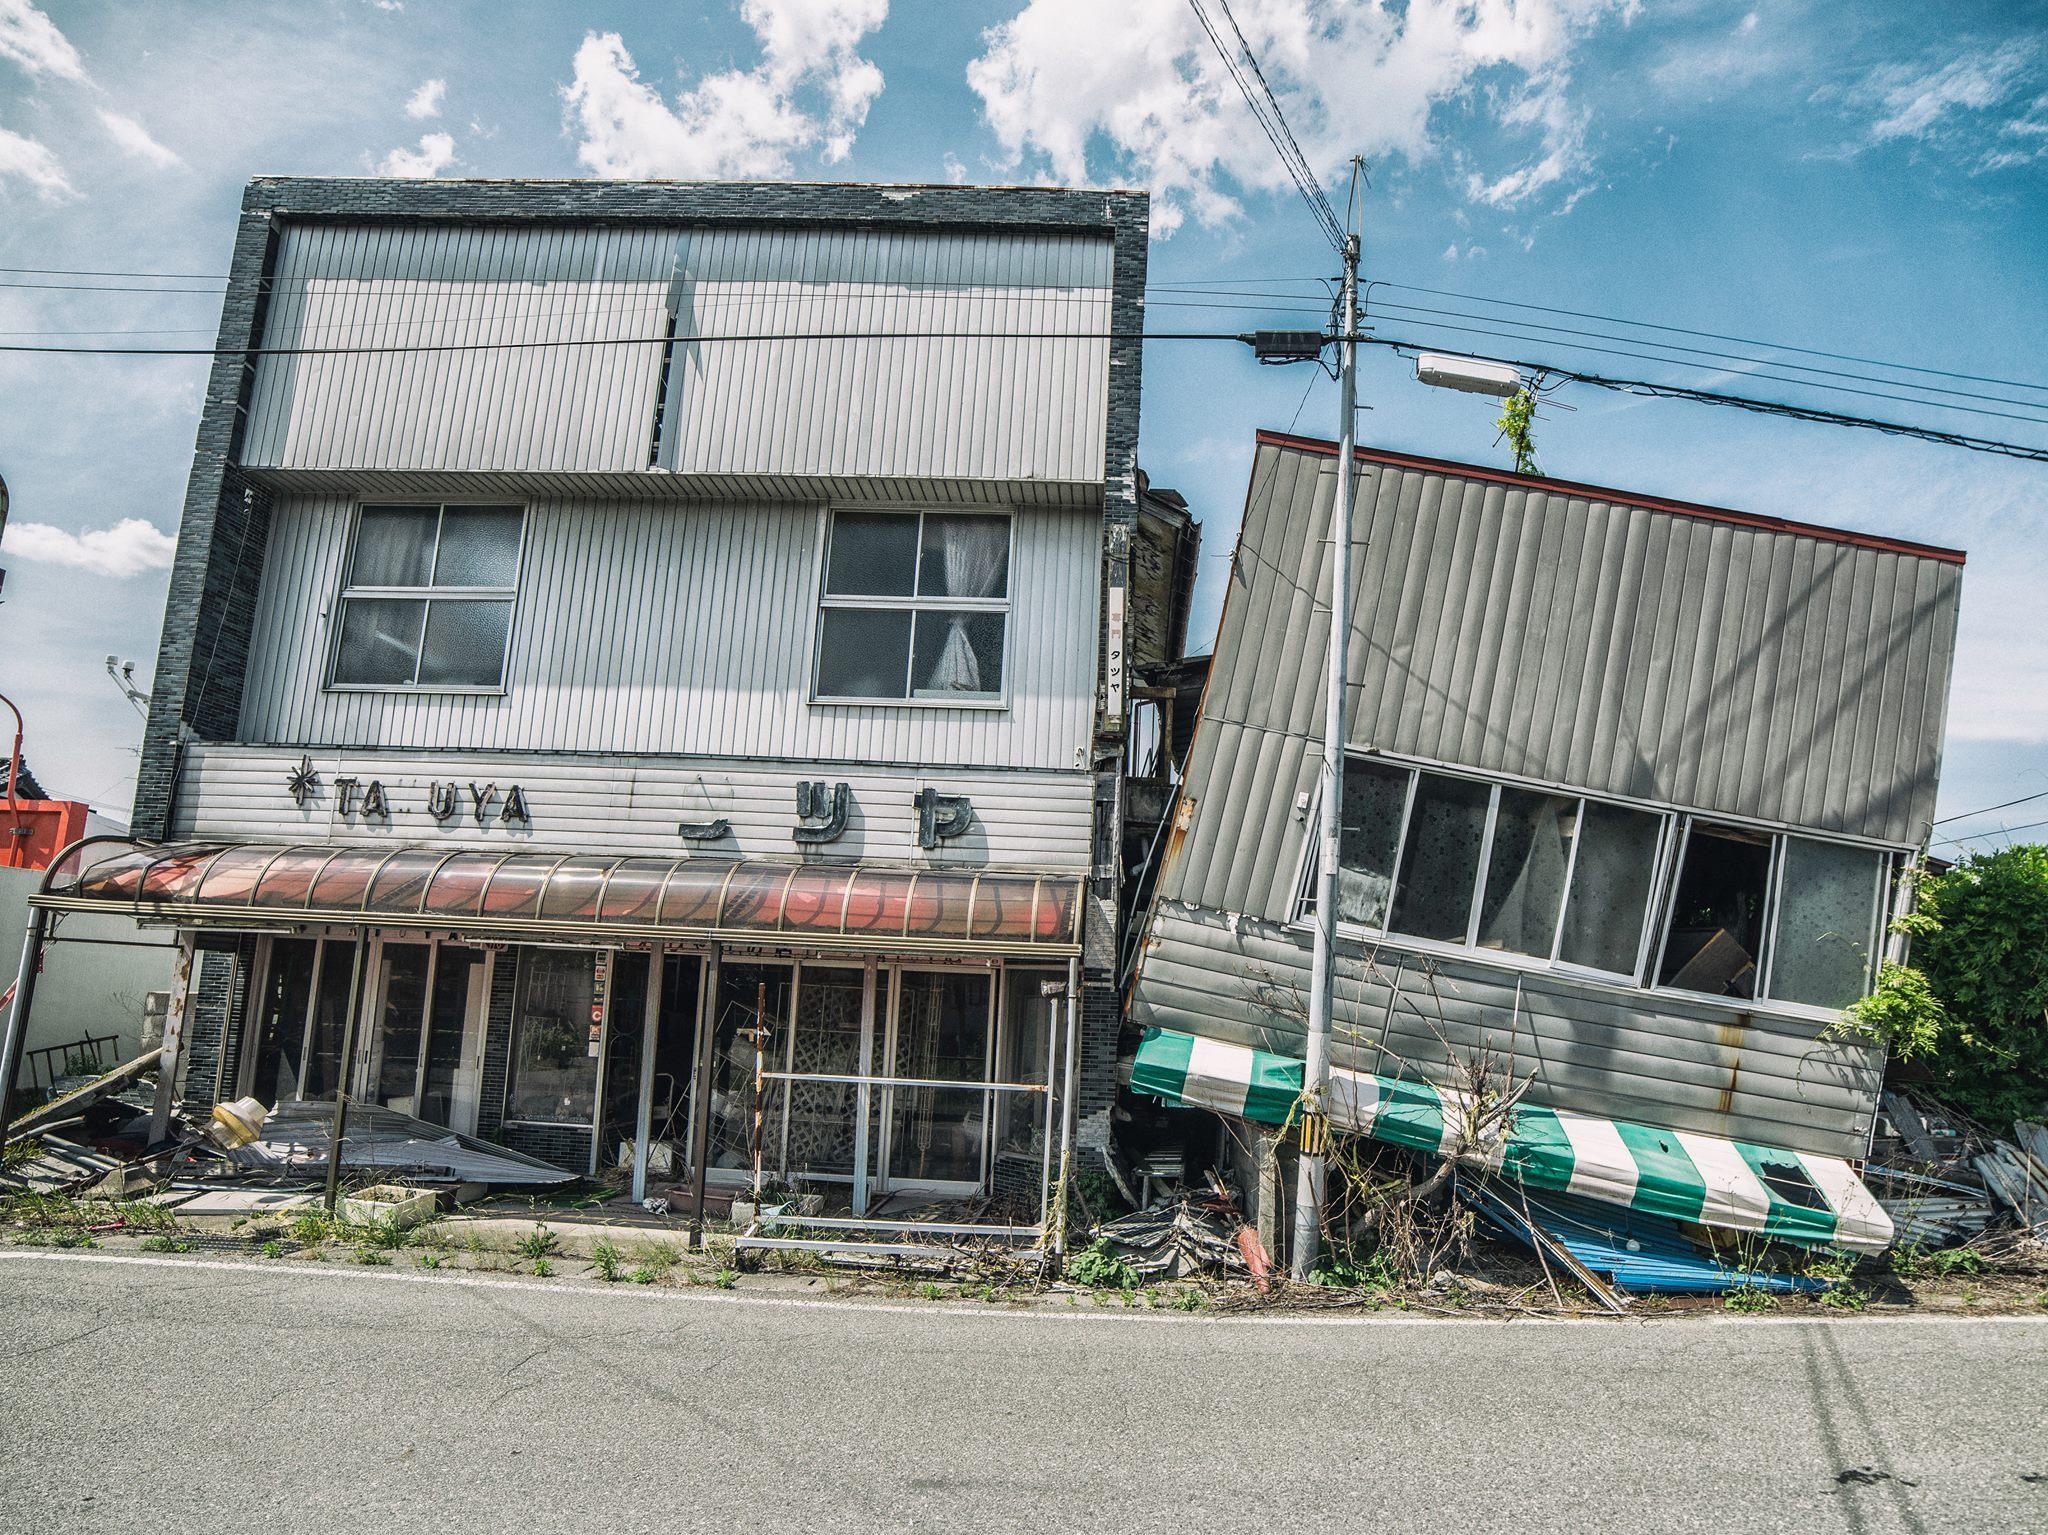 como es fukushima 5 años después del desastre 22